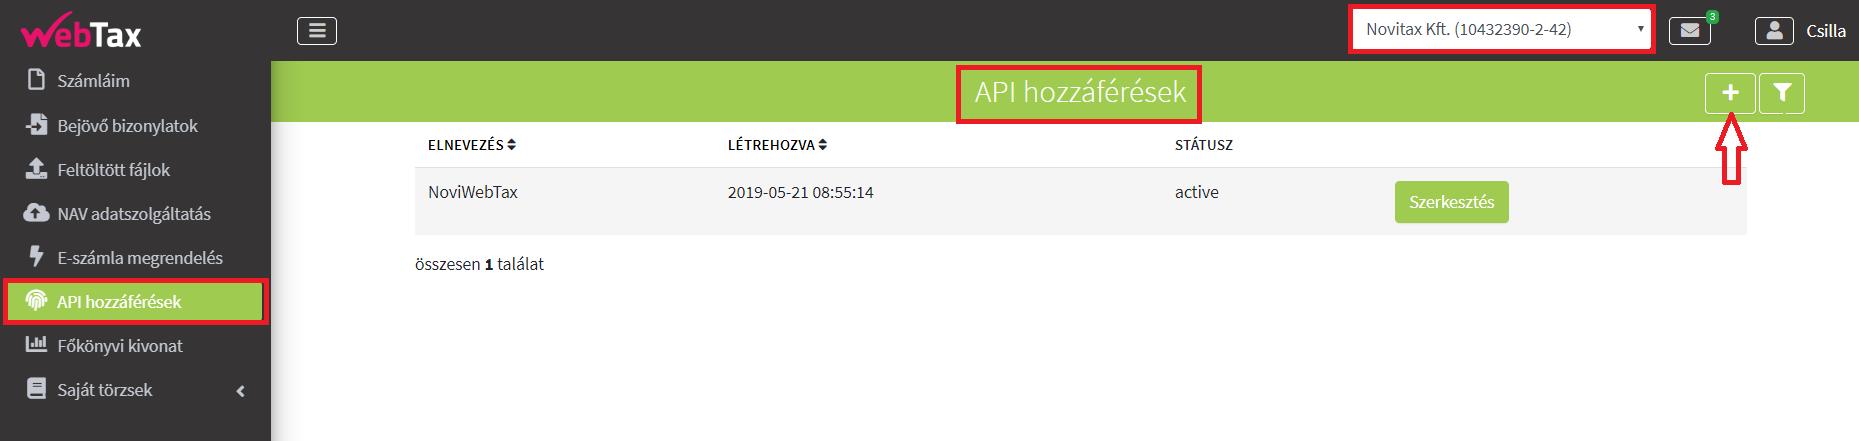 API Hozzáférés felvitel_a